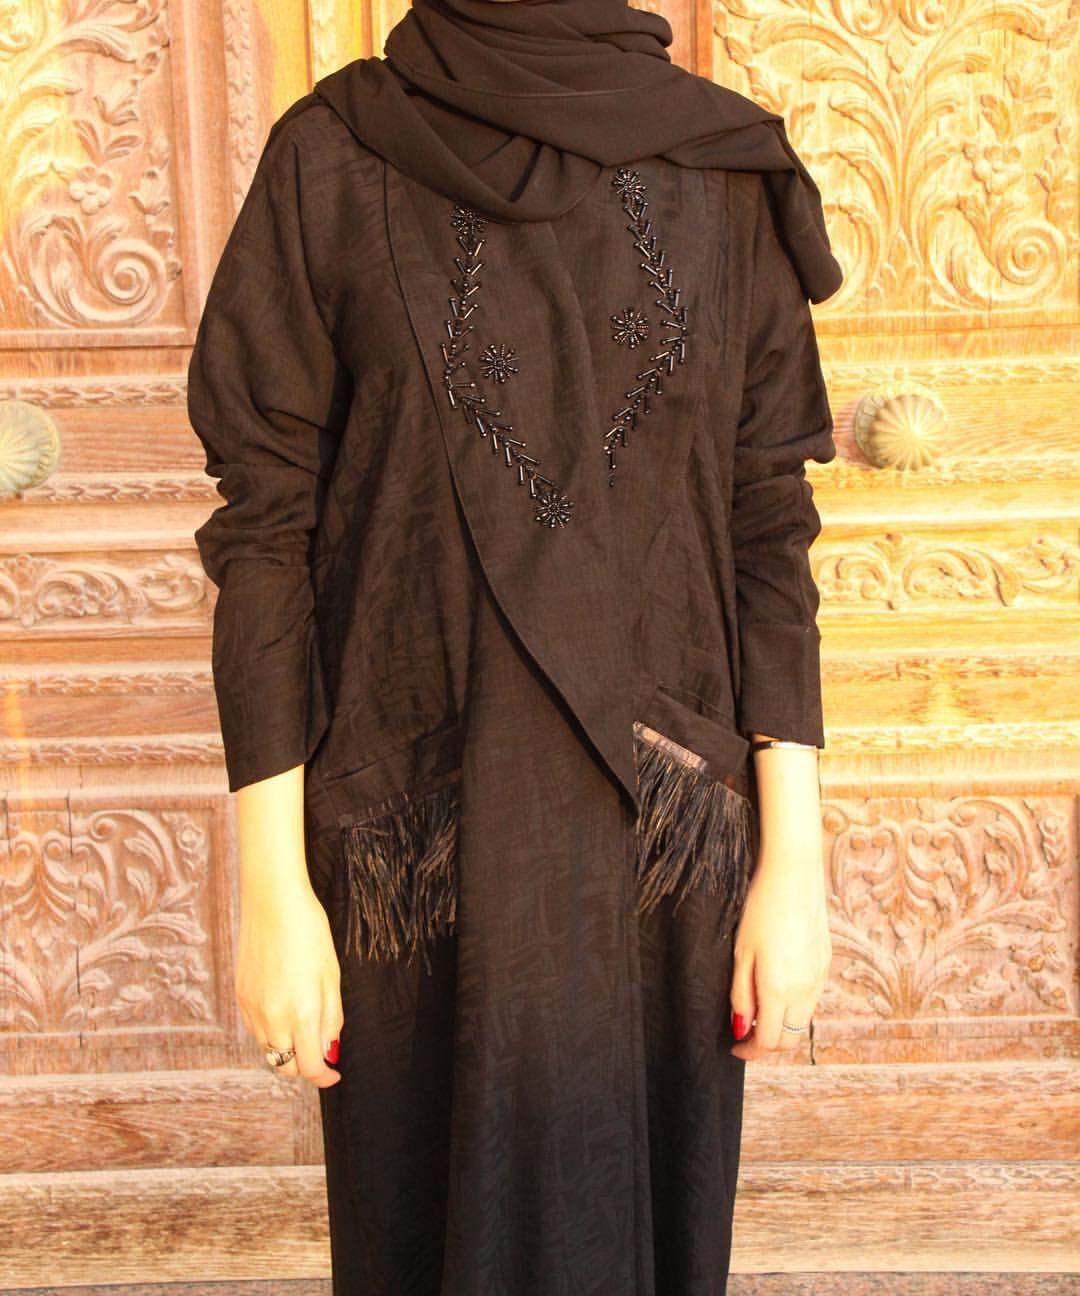 عبايات عباية Abaya من الكولكشن الجديد عباية كريب كوري مع تطريز على الياقه عبايات عباية عبايه Abya Hejabstyle Clothes Hijab Fashion Fashion